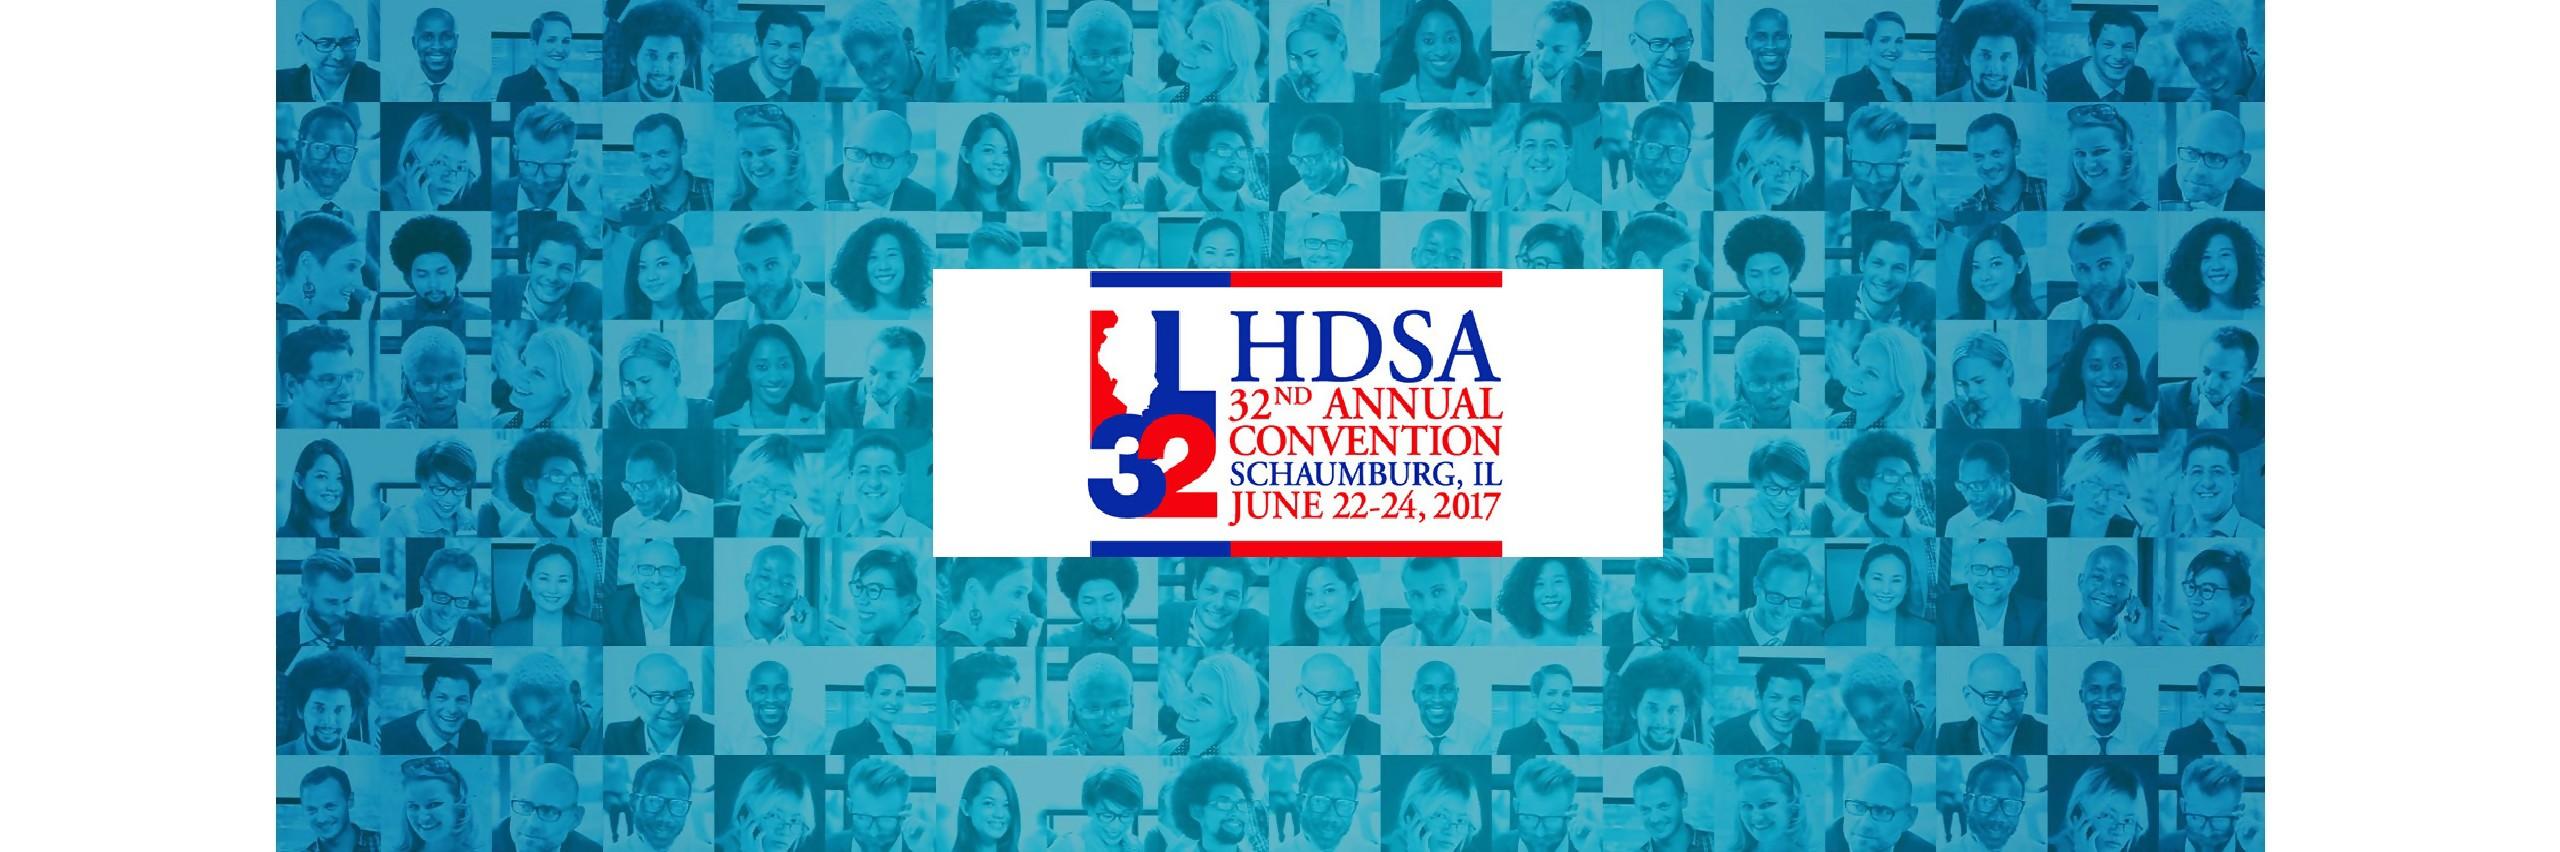 HDSA 2017 rm2